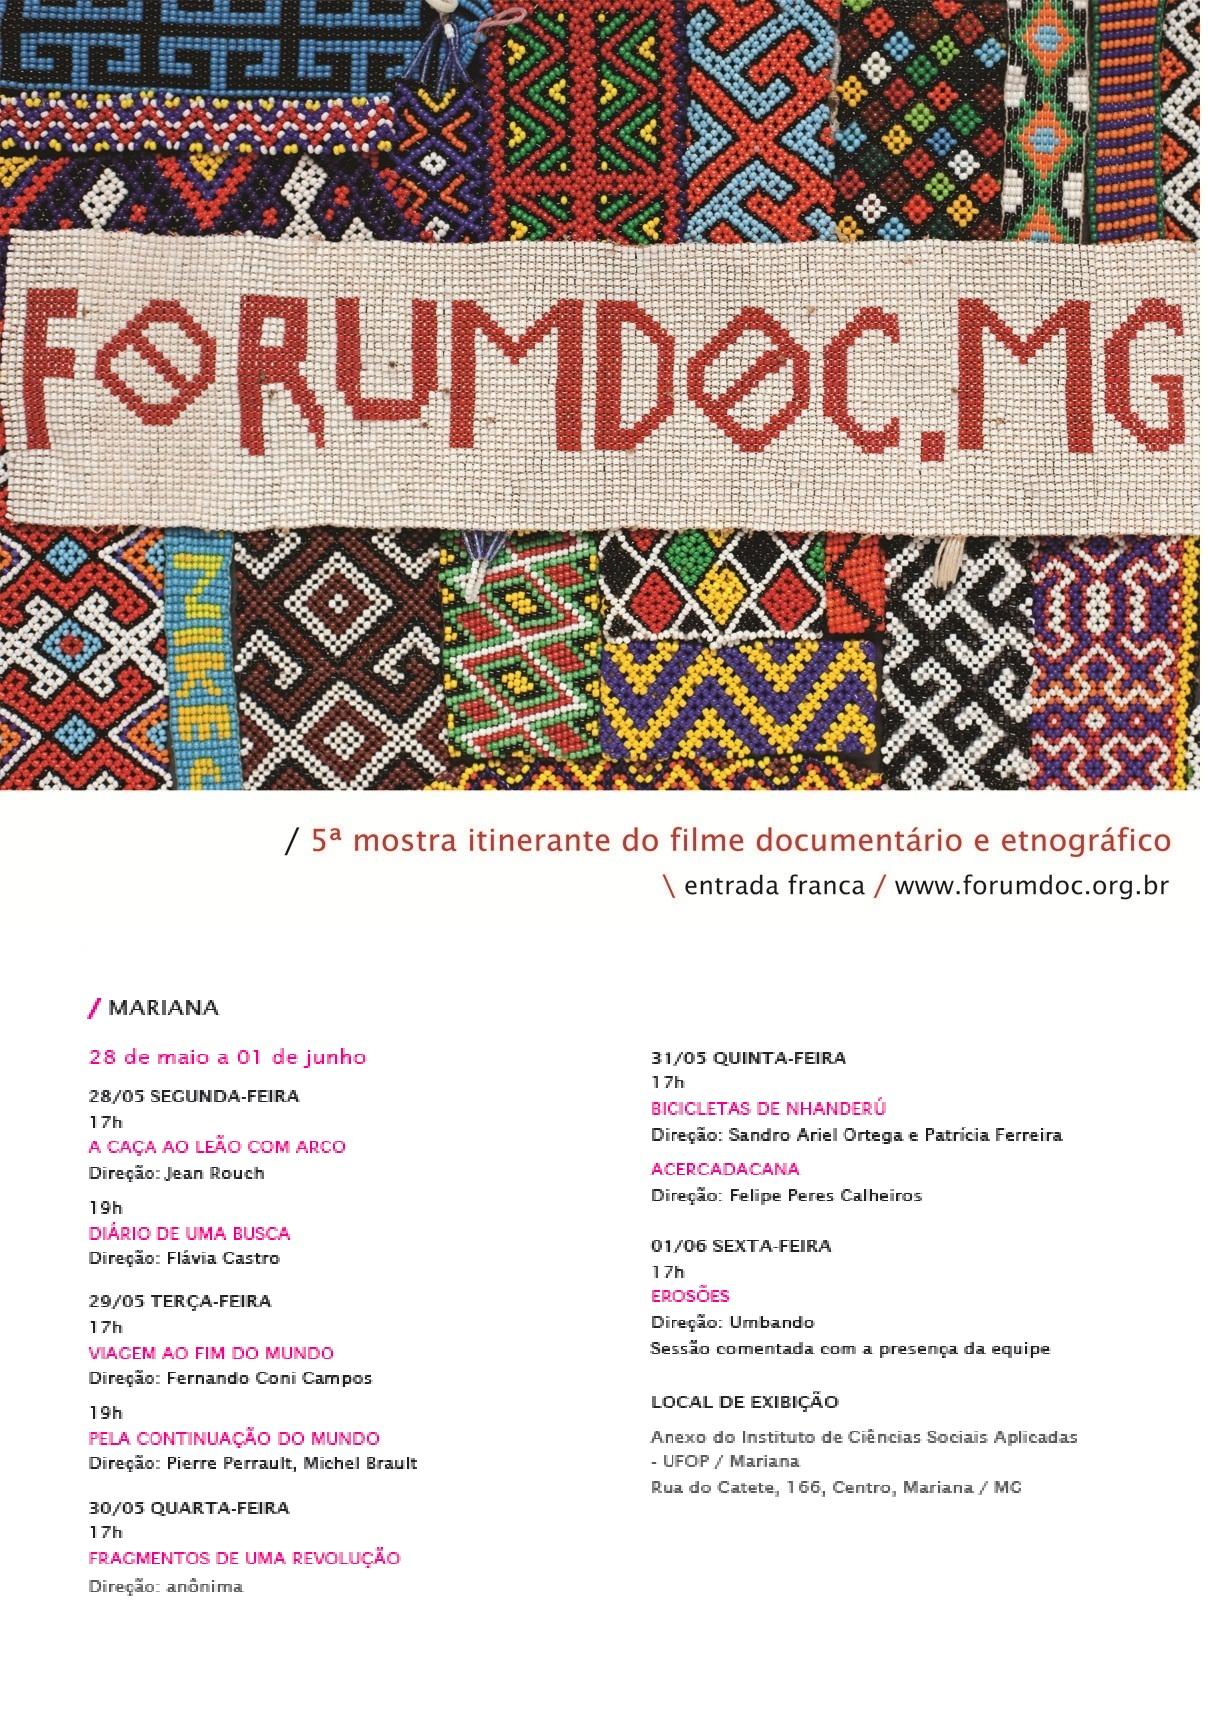 FORUMDOC.MG – Festival do Filme Documentário e Etnográfico e Itinerância Estadual do FORUMDOC.BH